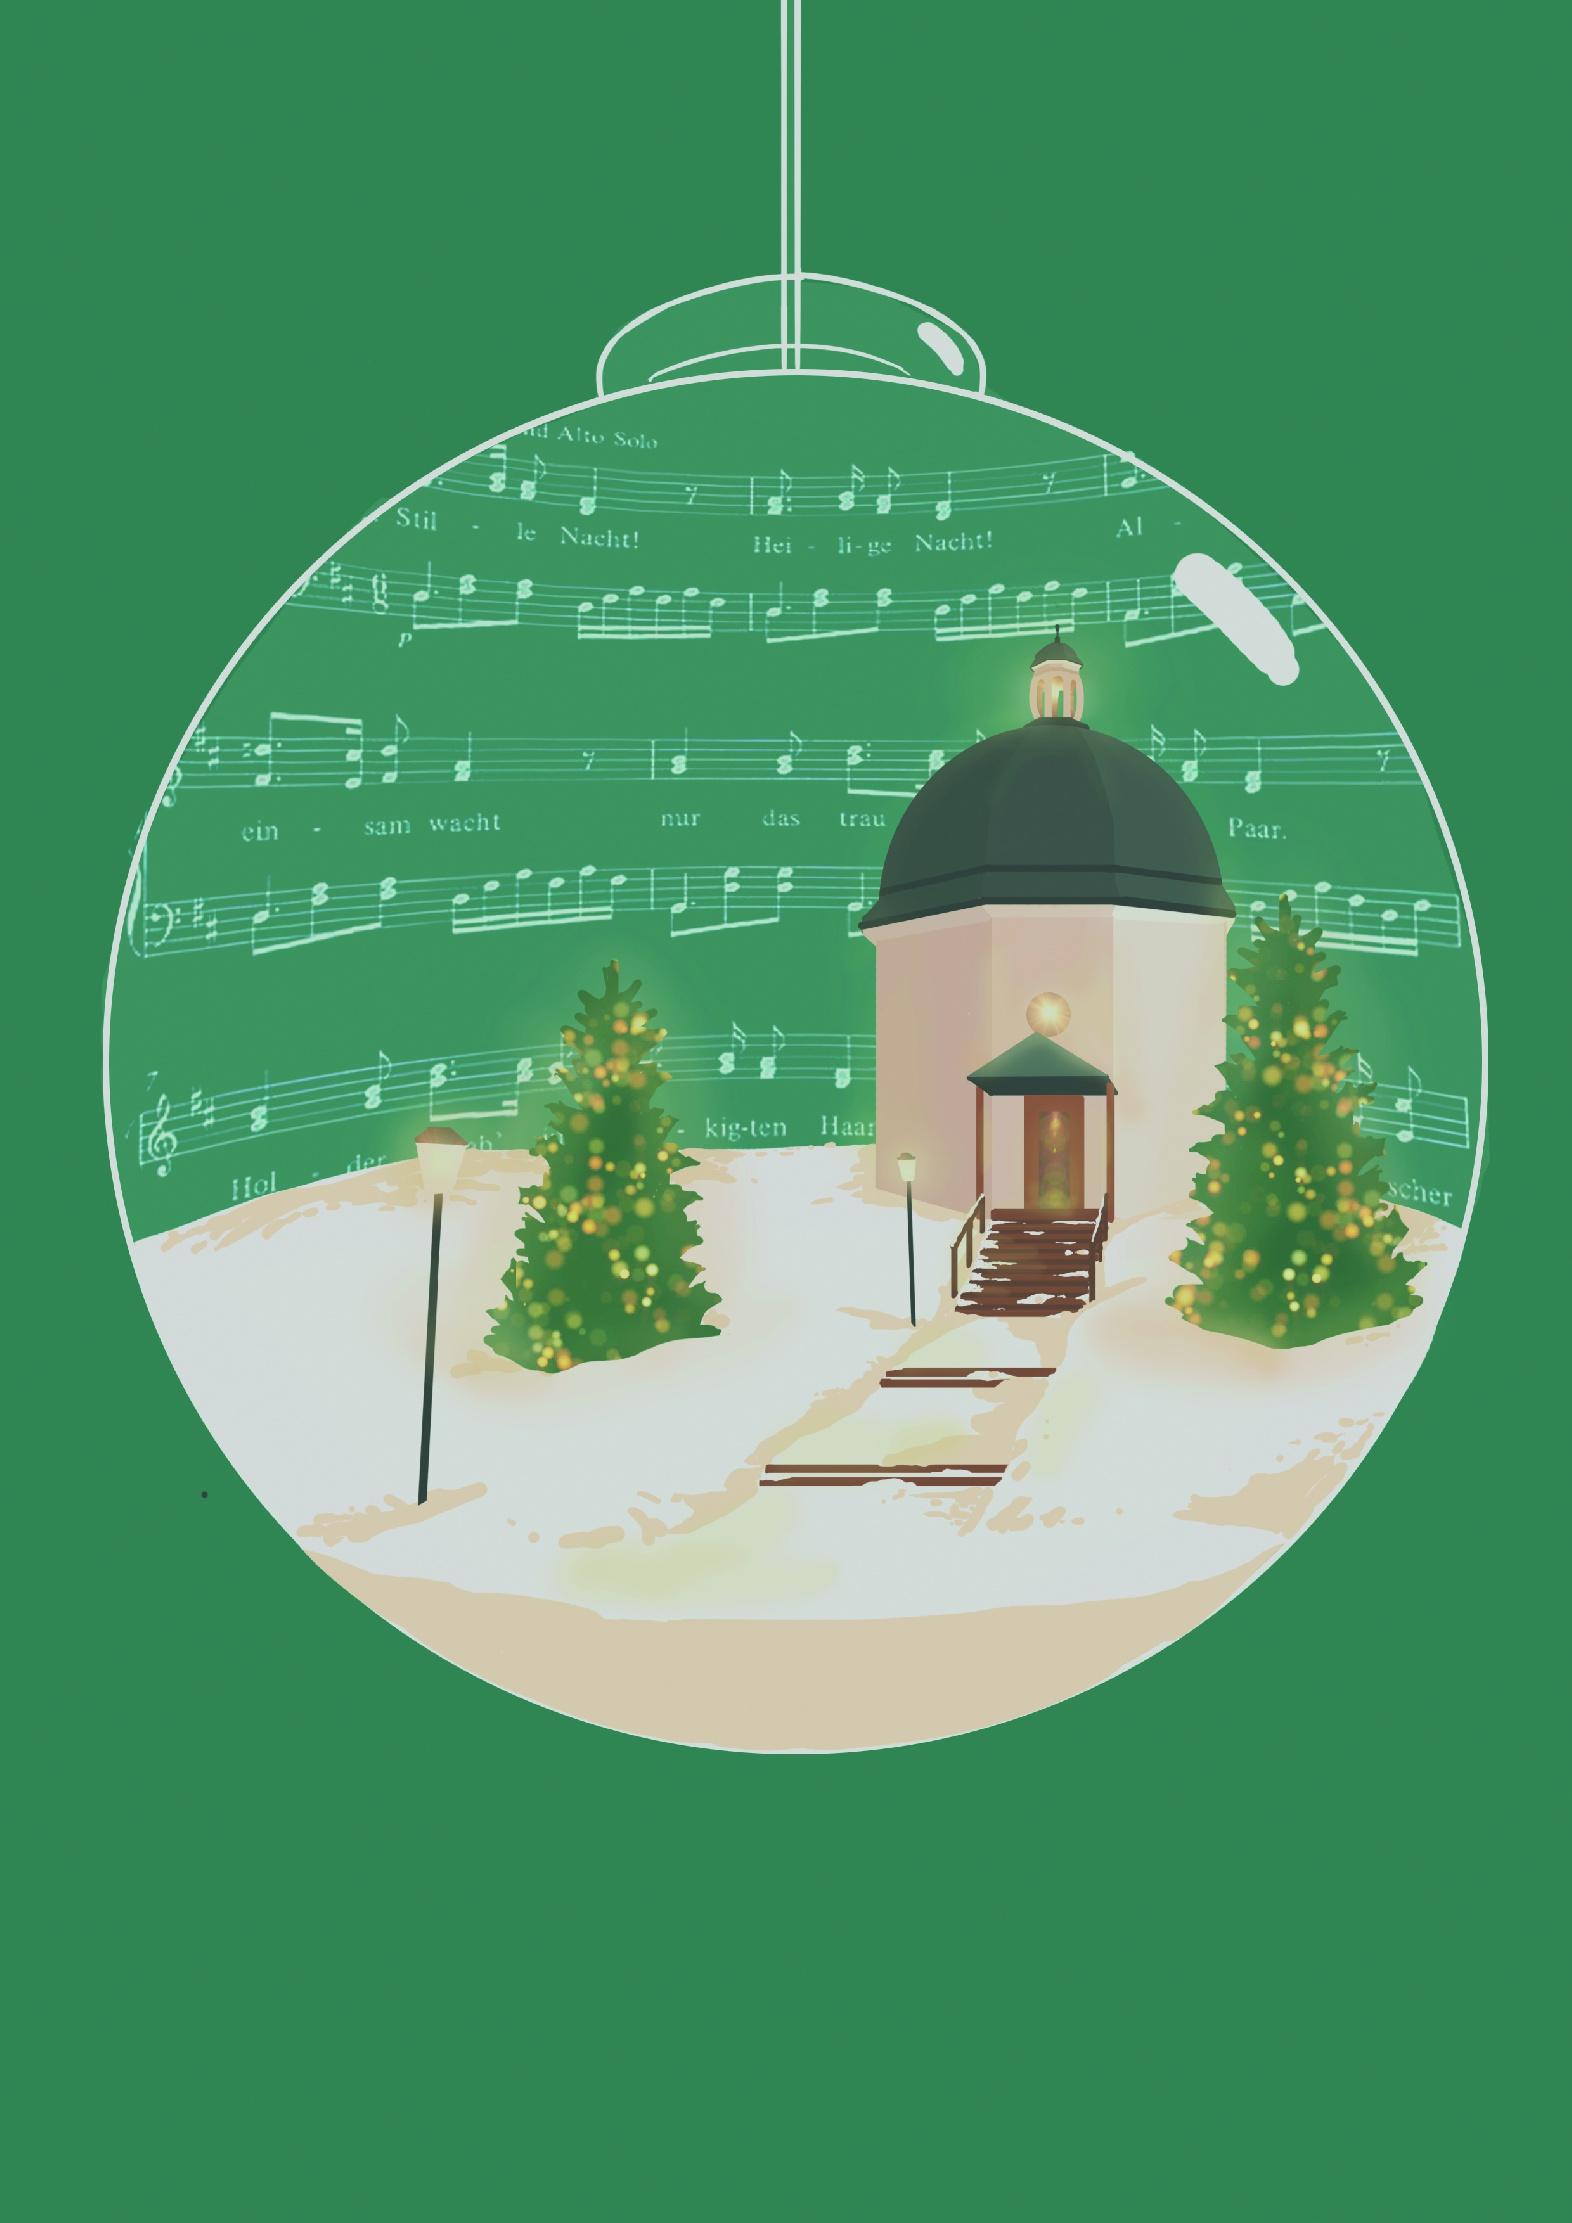 Feliz Navidad y Próspero Año Nuevo 2019